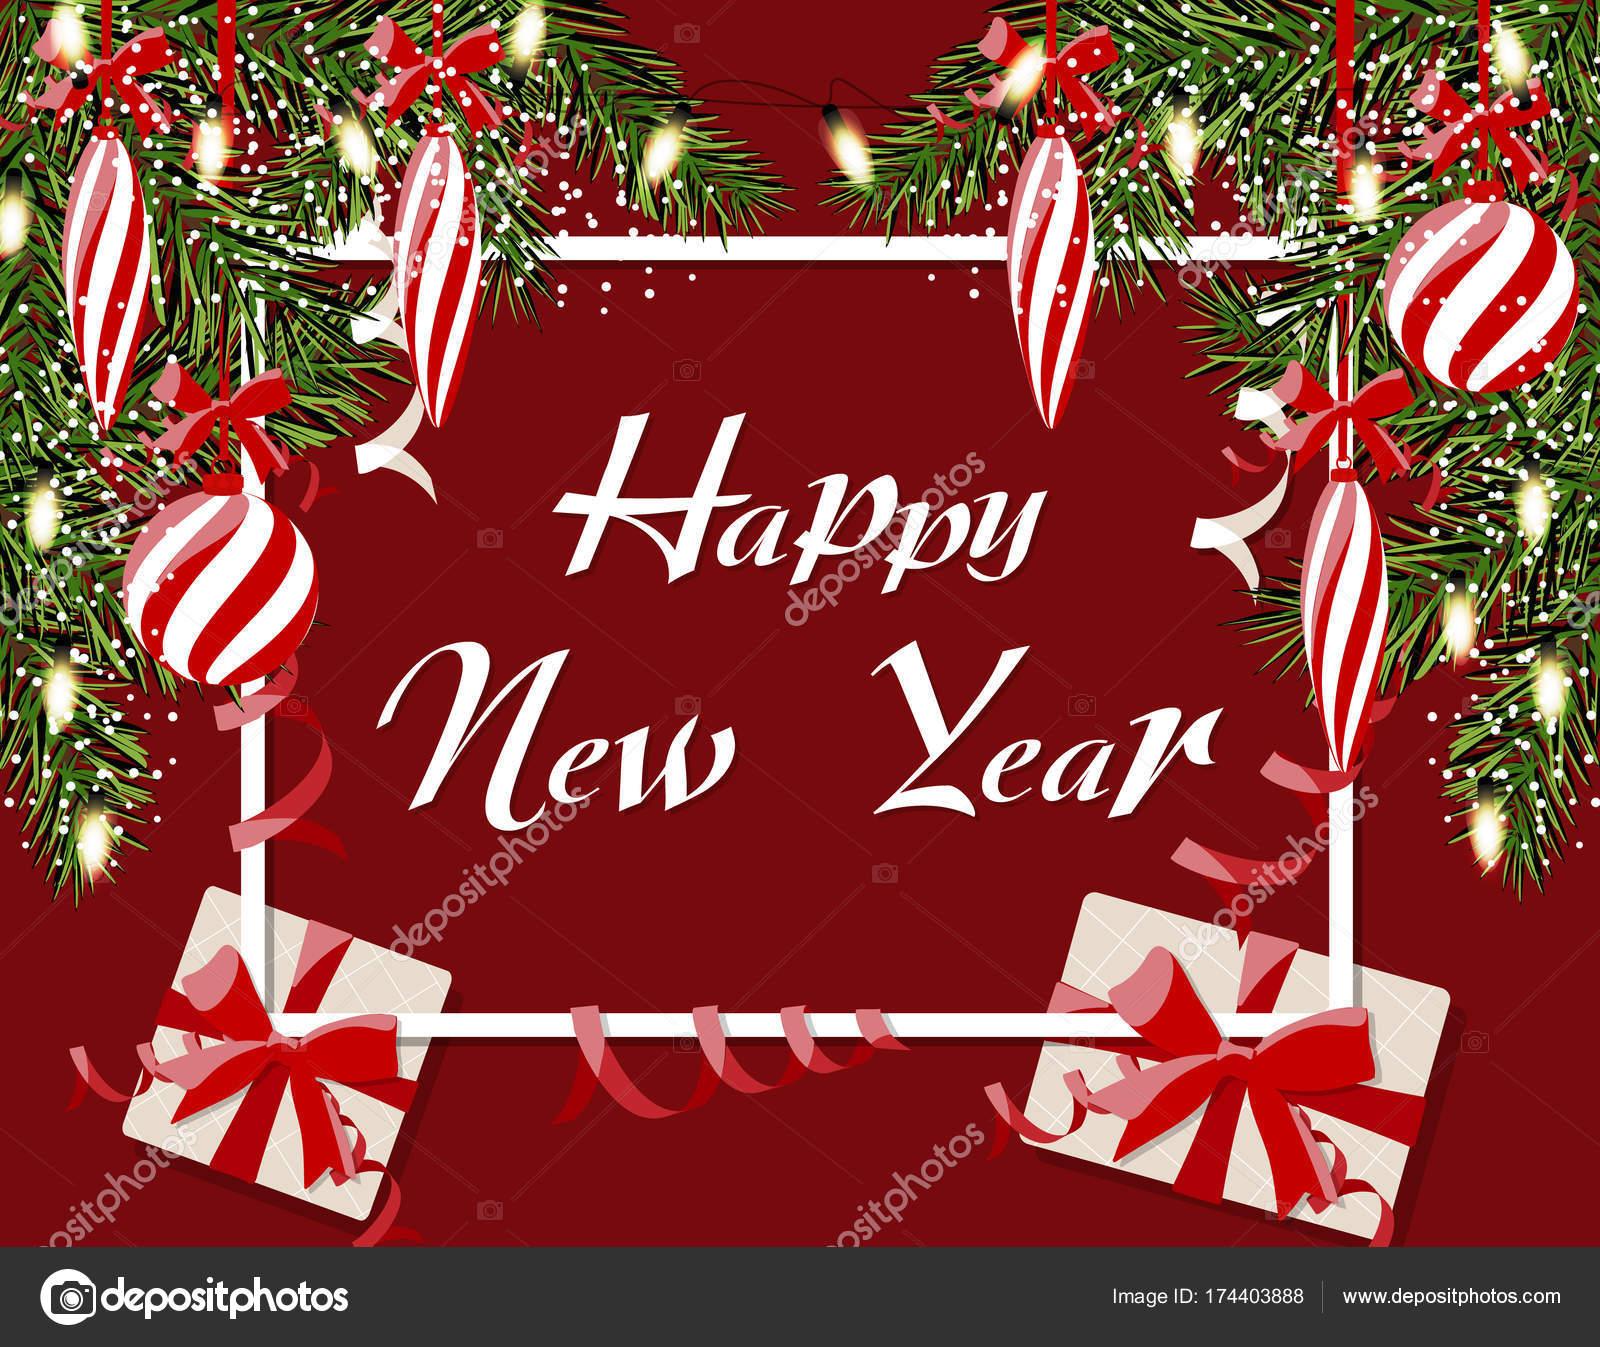 Nouvel An Noel De S Cartes Visite Postales Et Des Guirlandes Inscription Boules Rayees Cadeaux Glacons Branches Vertes Larbre